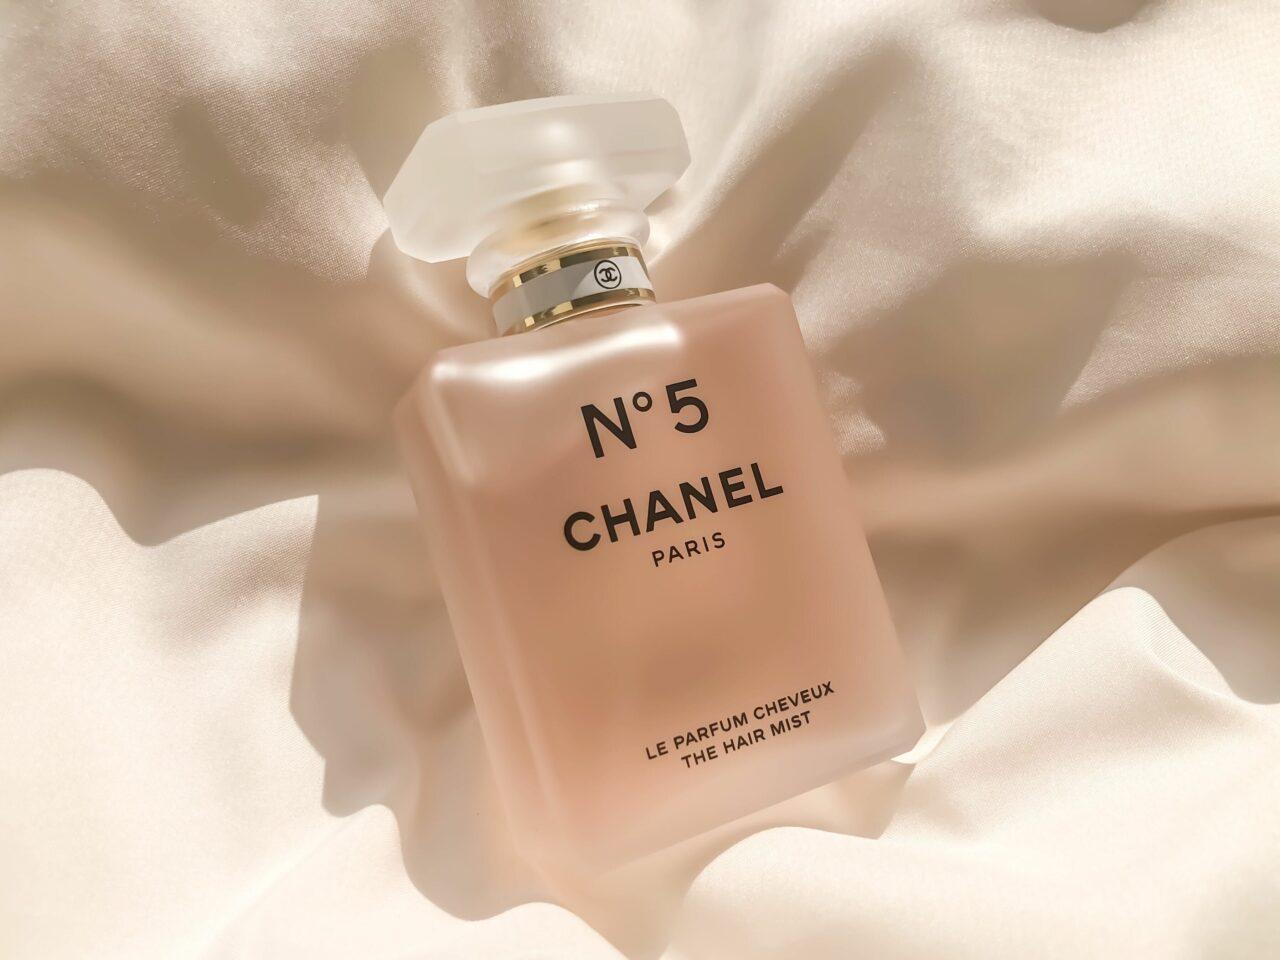 MERYエディターの#ふぁぼコスメ|タイムレスな美しい香りを日々、髪に纏う幸せ。